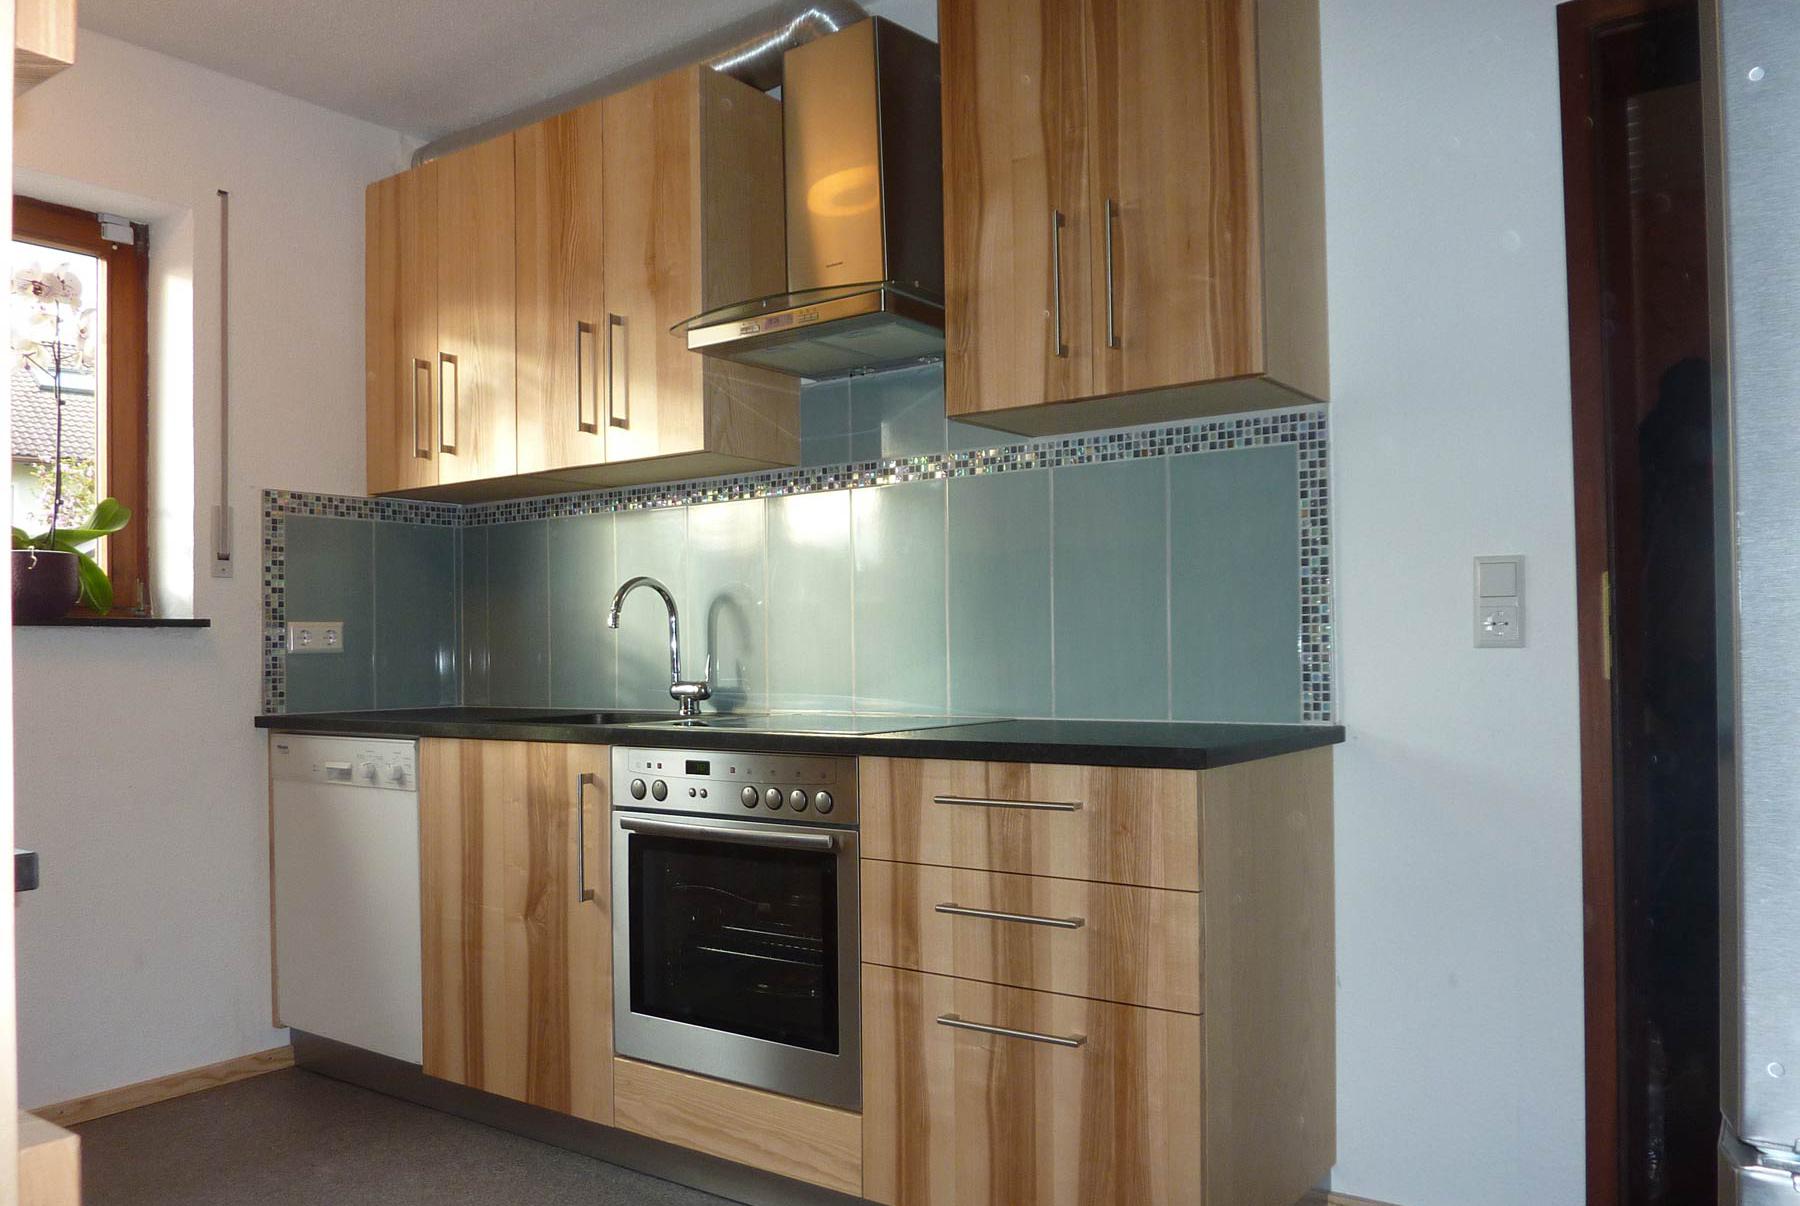 kchen massivholz die kche als wohnraum u with kchen massivholz excellent jpg with kchen. Black Bedroom Furniture Sets. Home Design Ideas